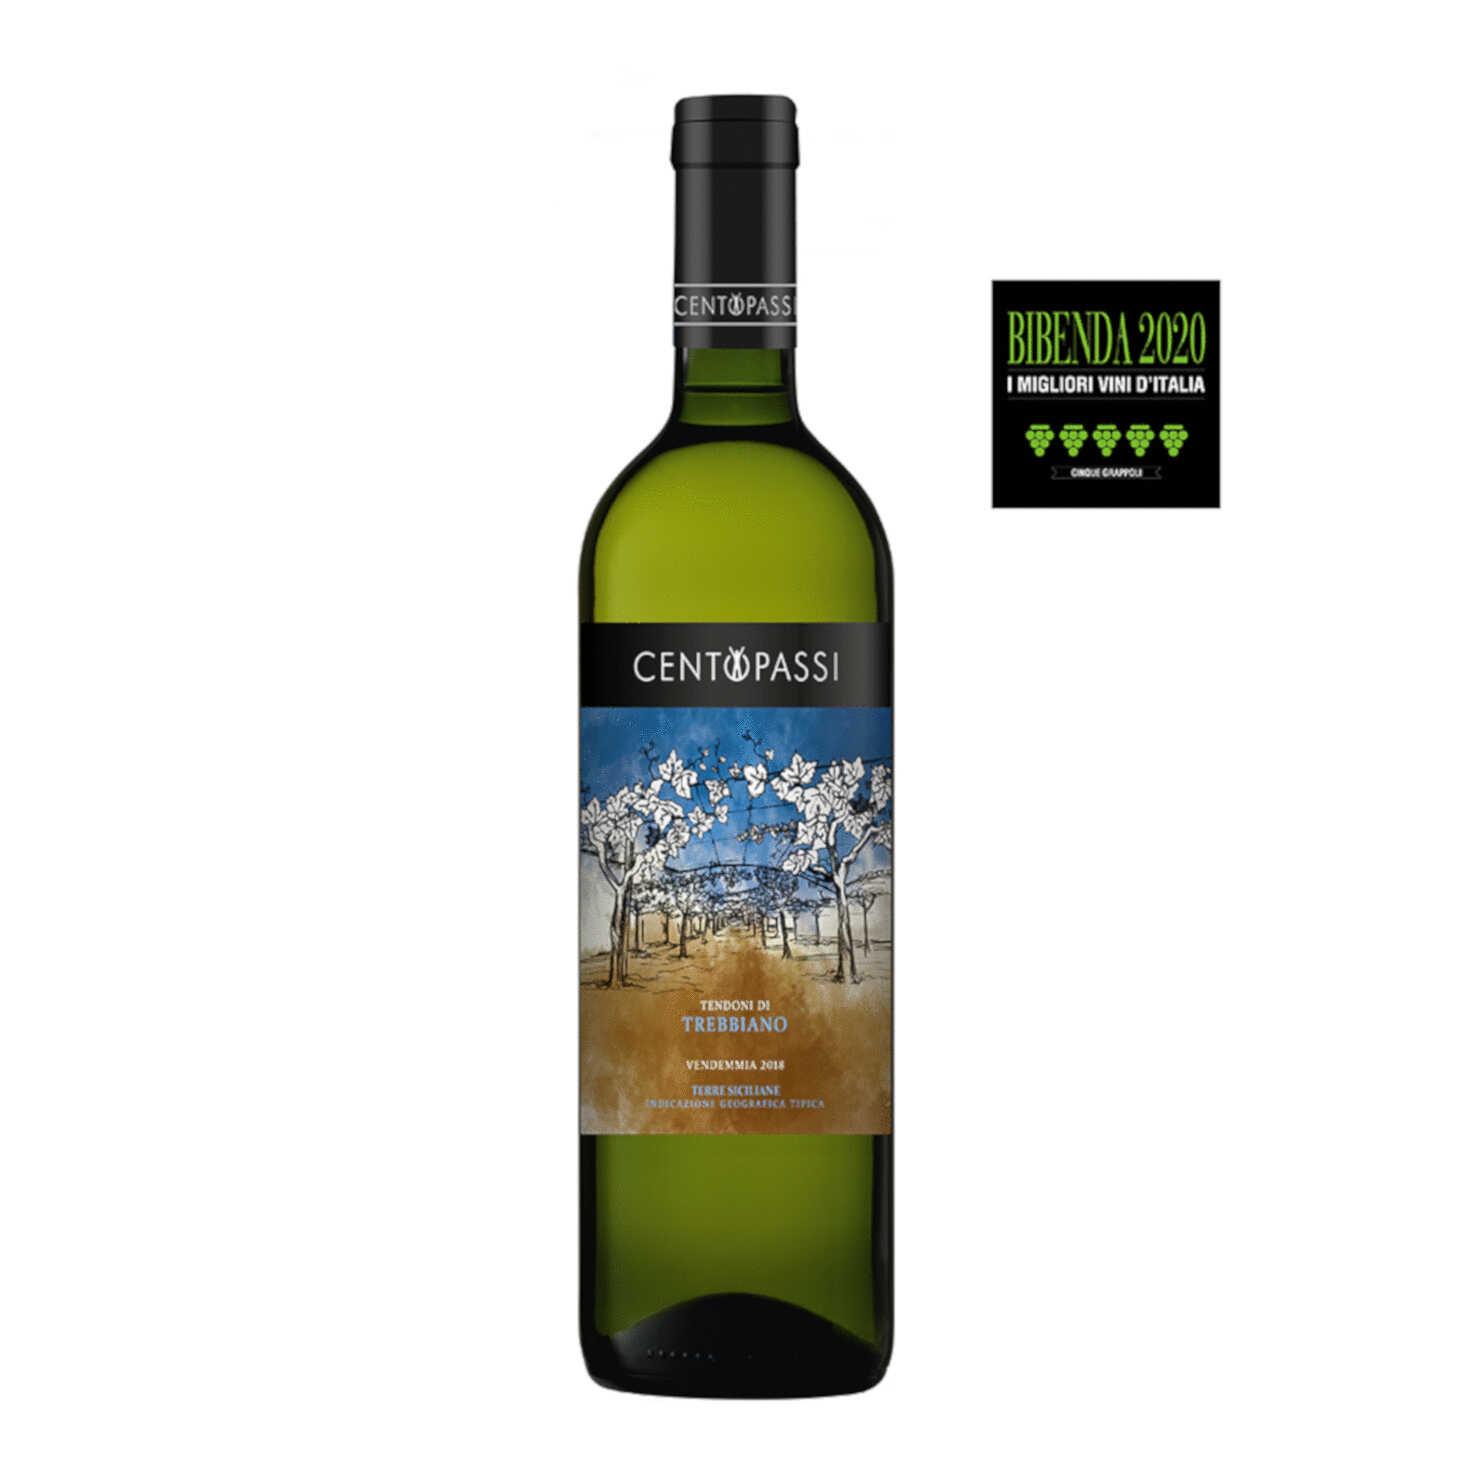 Trebbiano – Tendoni di Trebbiano – IGT Terre Siciliane 2018 75cl